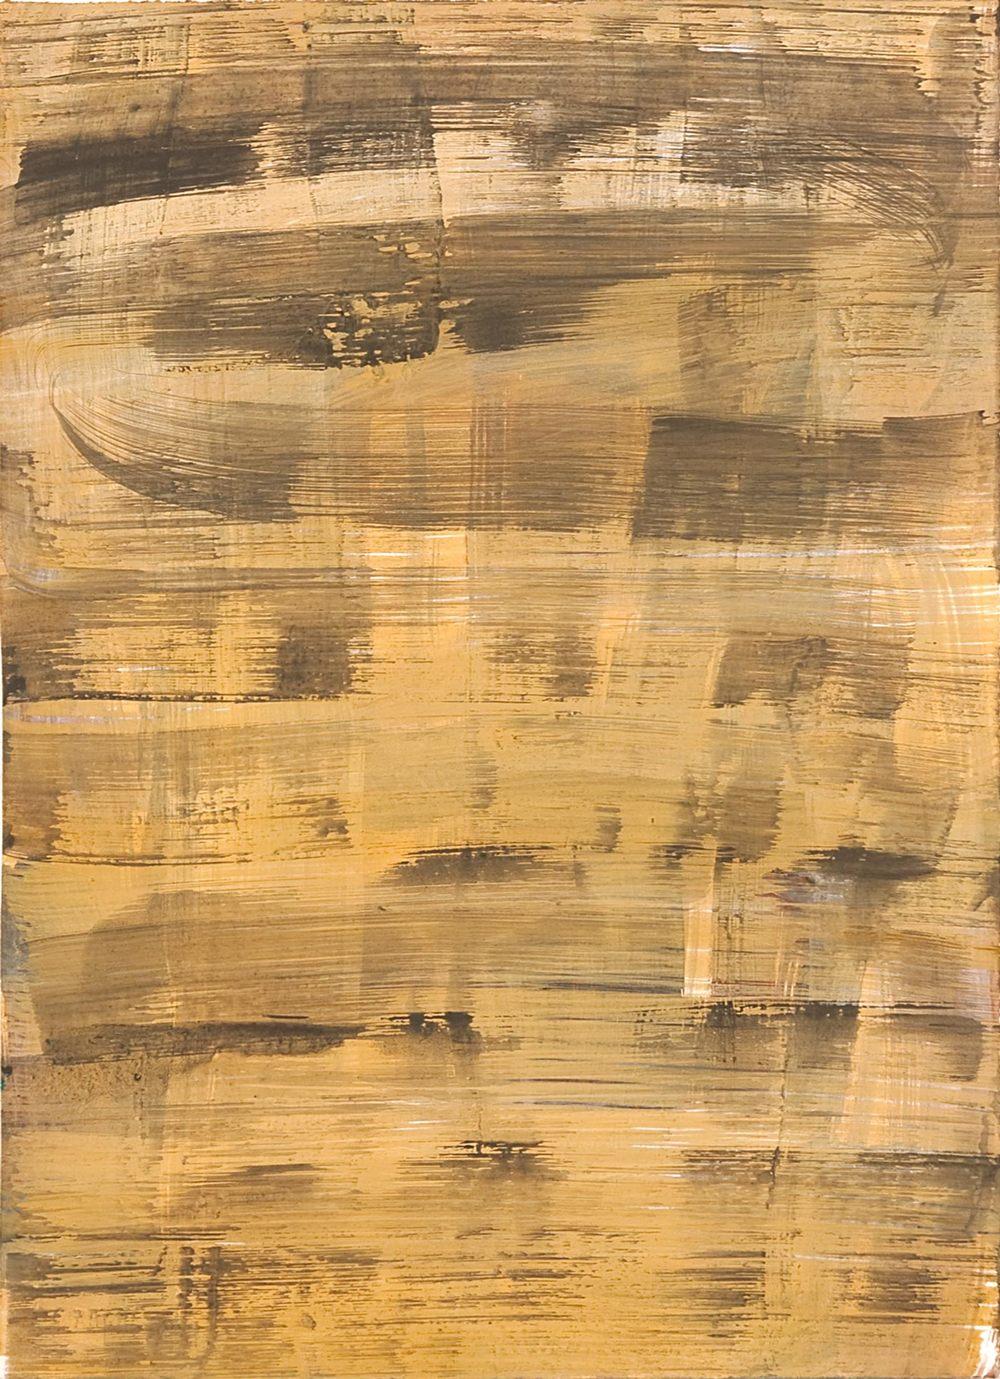 Schist 6 , 2011 casein on paper 15 x 11 in.